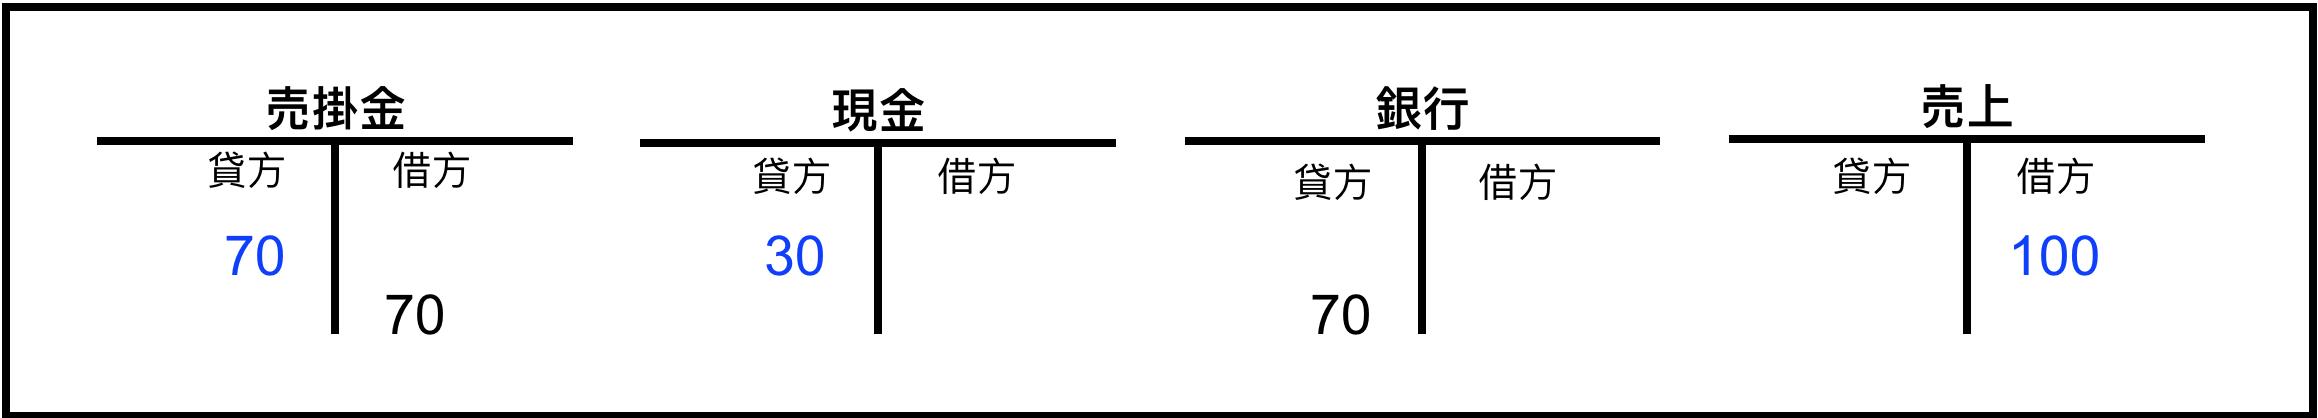 68546904-23ecb980-03b2-11ea-95fd-16cb1ef397af.png (2318×418)